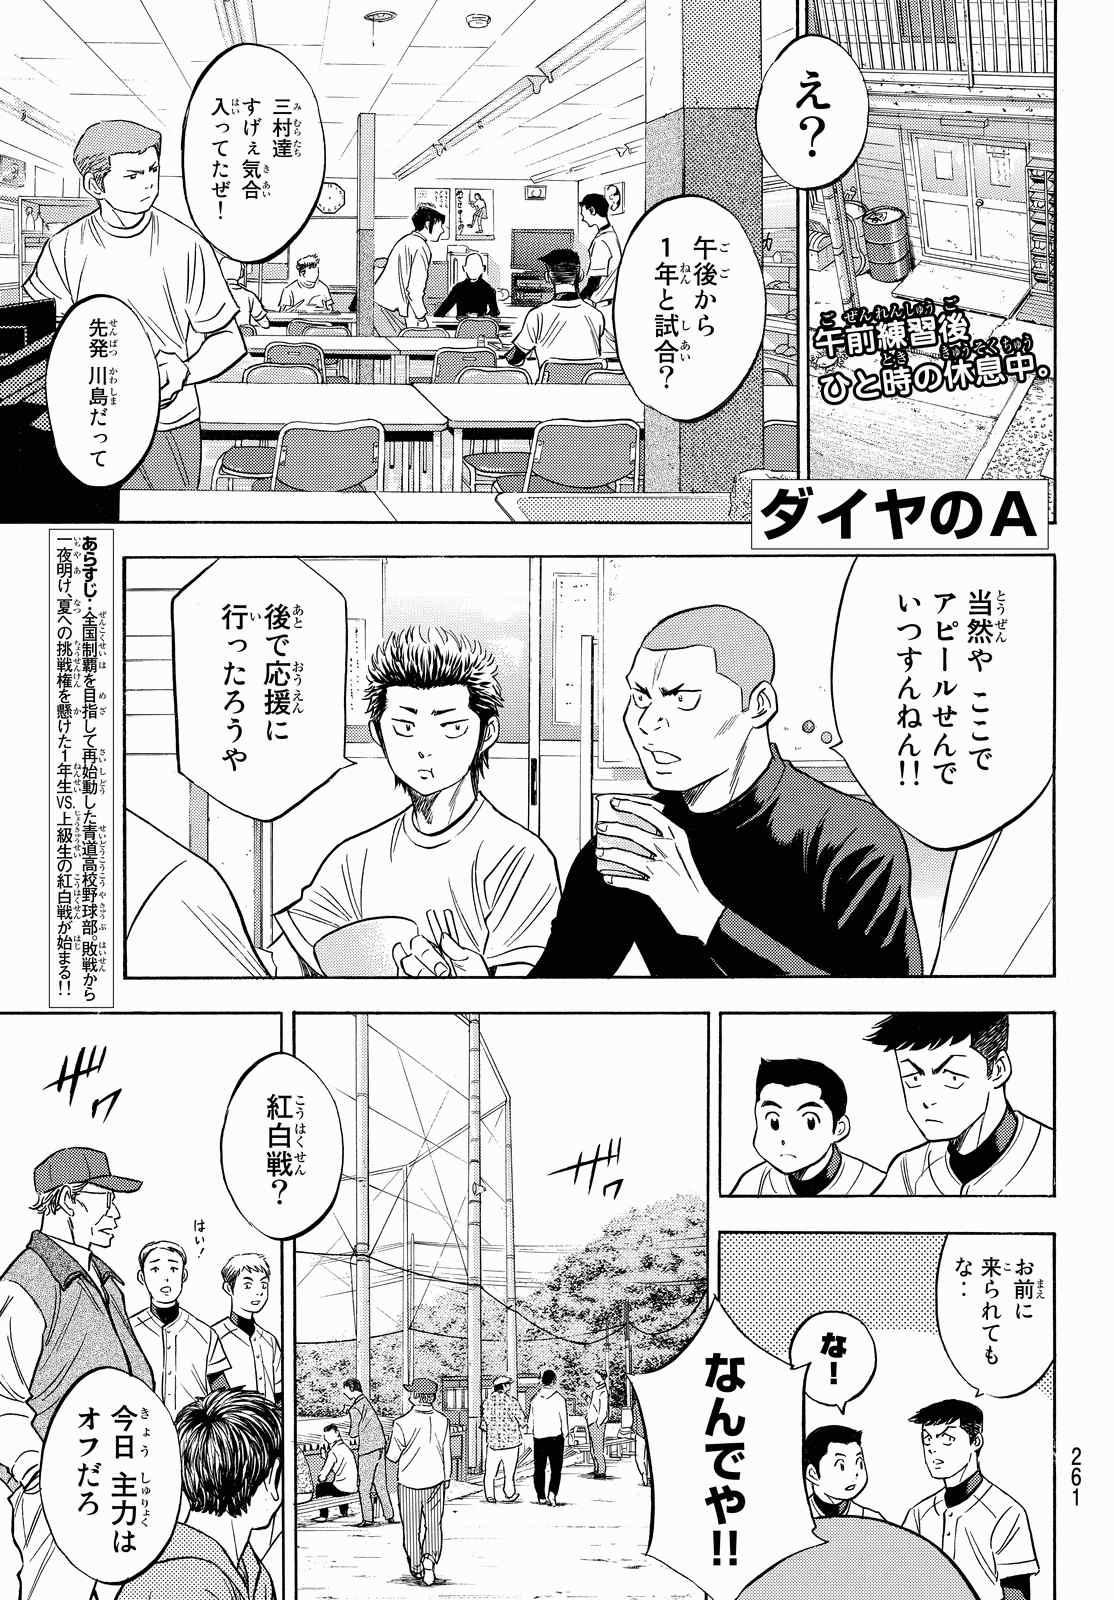 Daiya no A Act II - Chapter 053 - Page 1